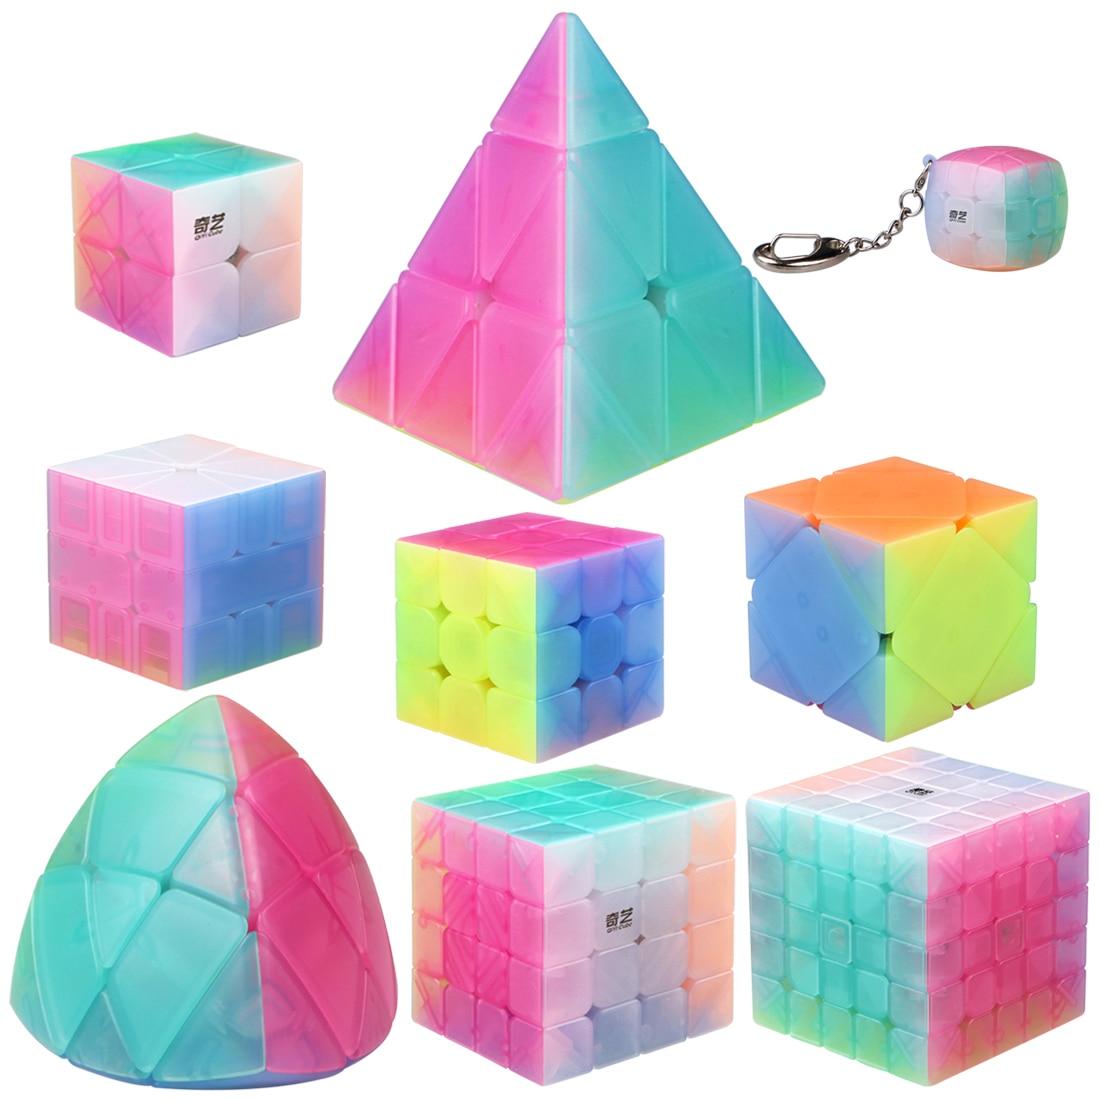 Ensemble de Cube de gelée QiYi comprenant pyramide SQ-1 Mastermorphix 2x2 3x3 4x4 5x5 Kits de Cube magique